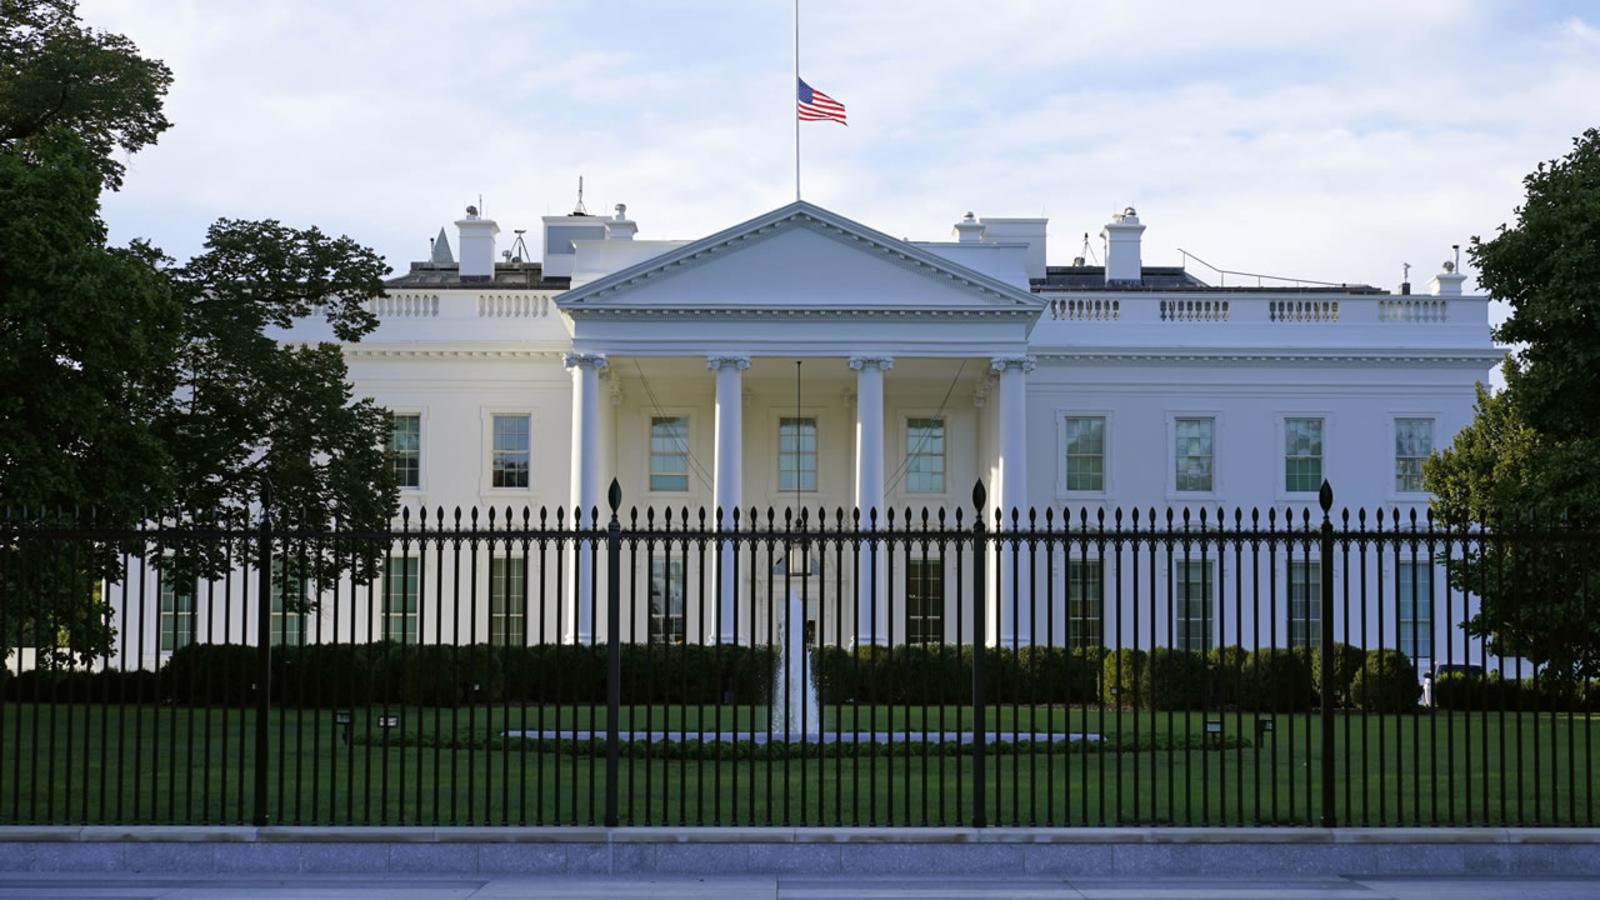 White House on High Alert